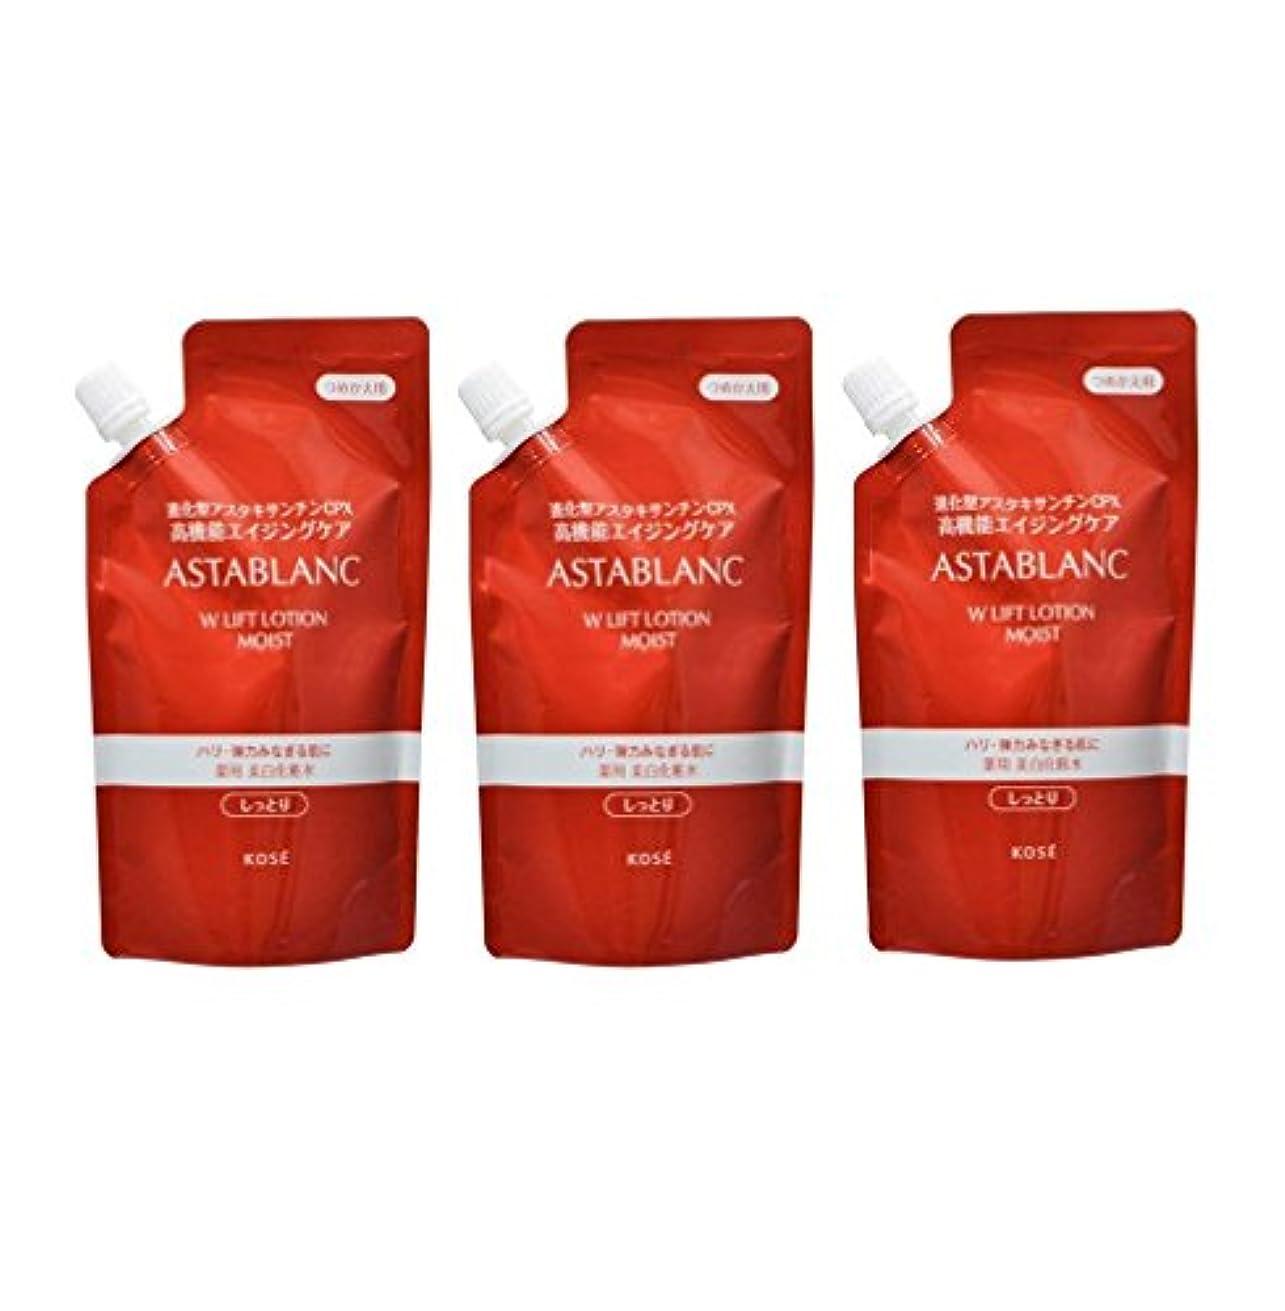 兵器庫バーマド服を着る【3個セット】 コーセー アスタブラン Wリフトローション 130ml とてもしっとり 詰替 レフィル